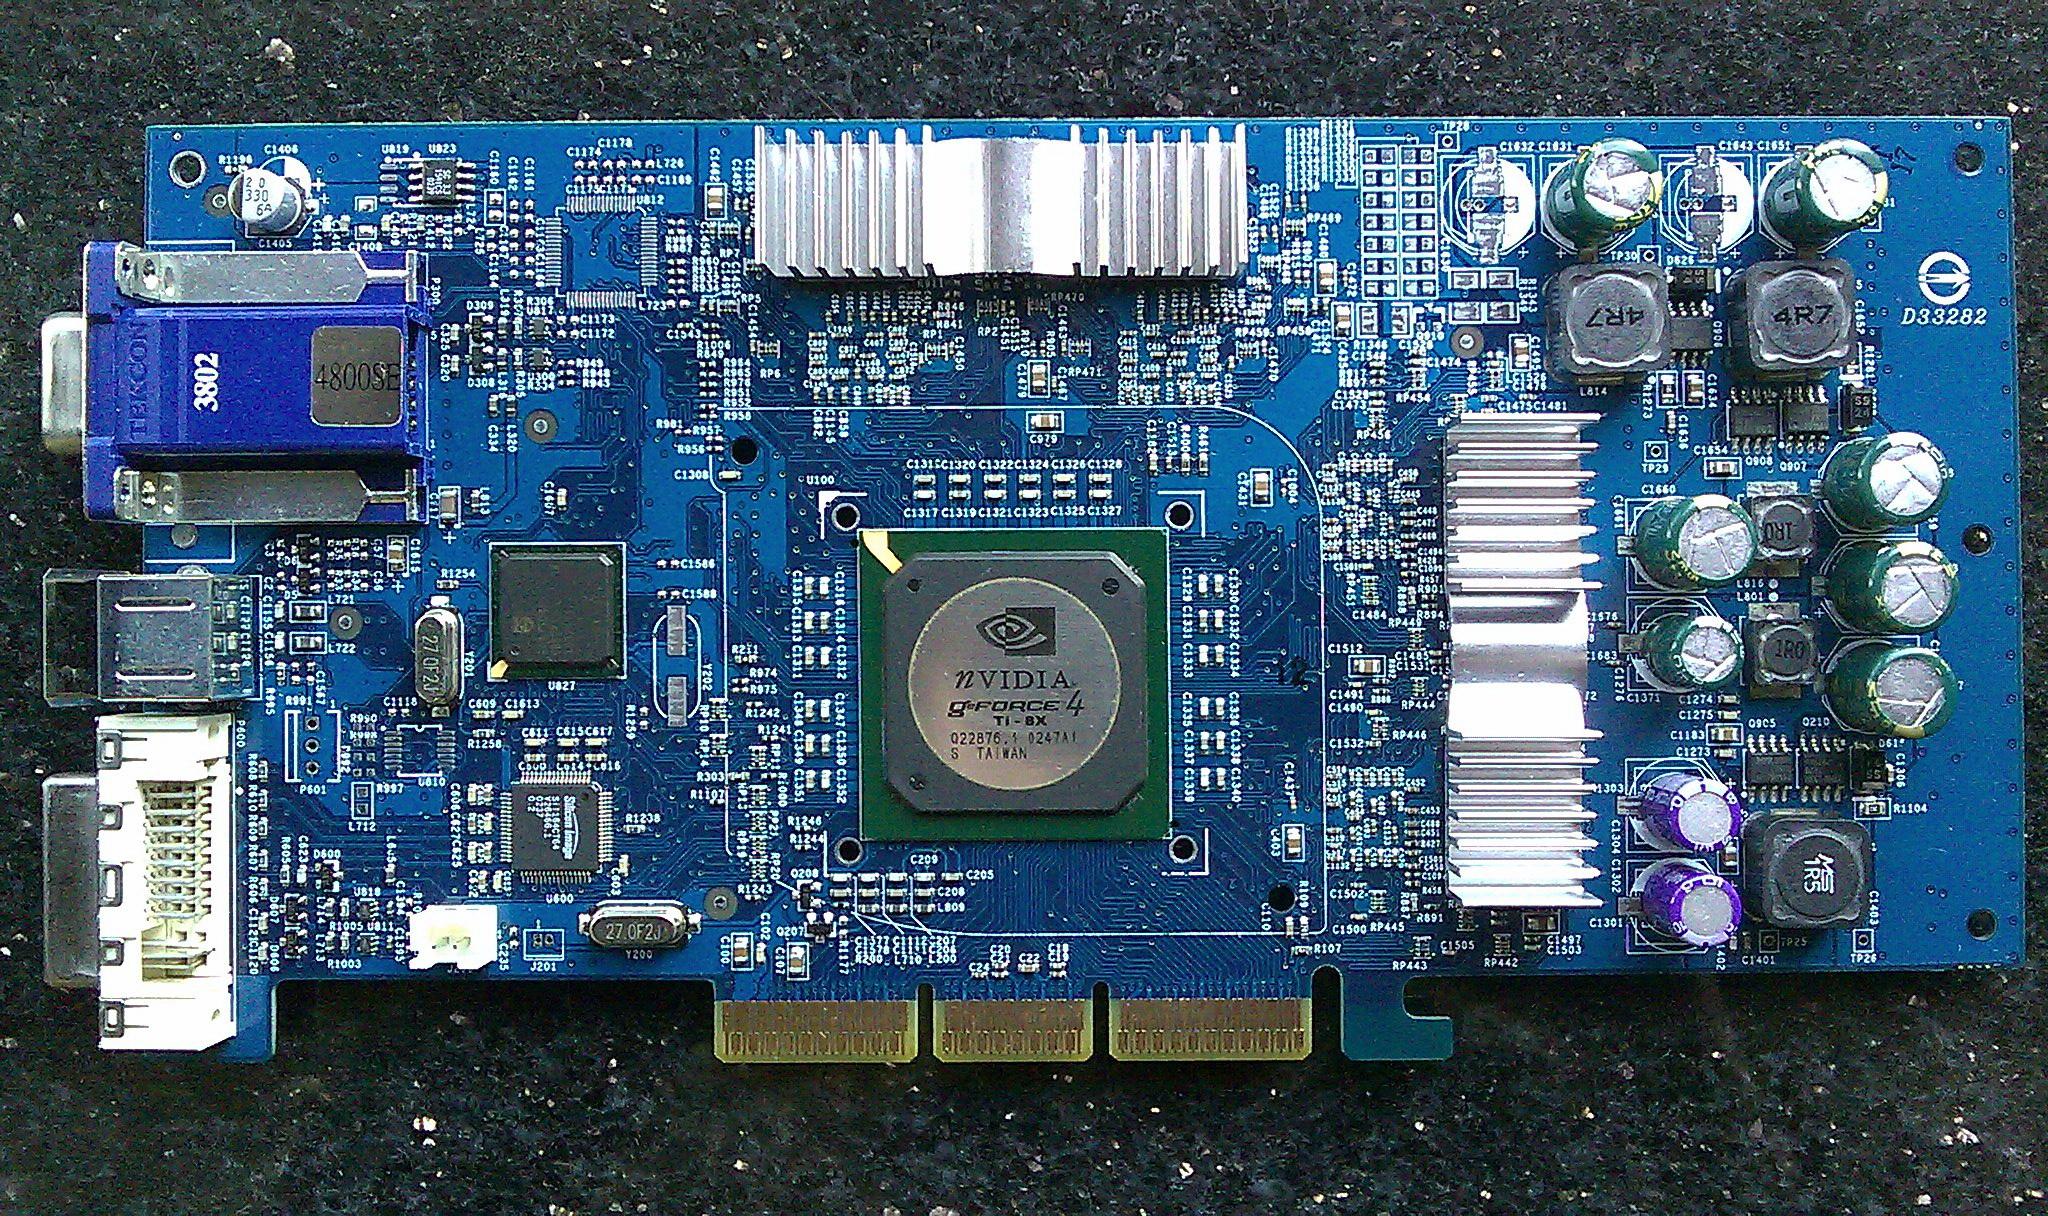 nvidia geforce gt7100m драйвер скачать win7